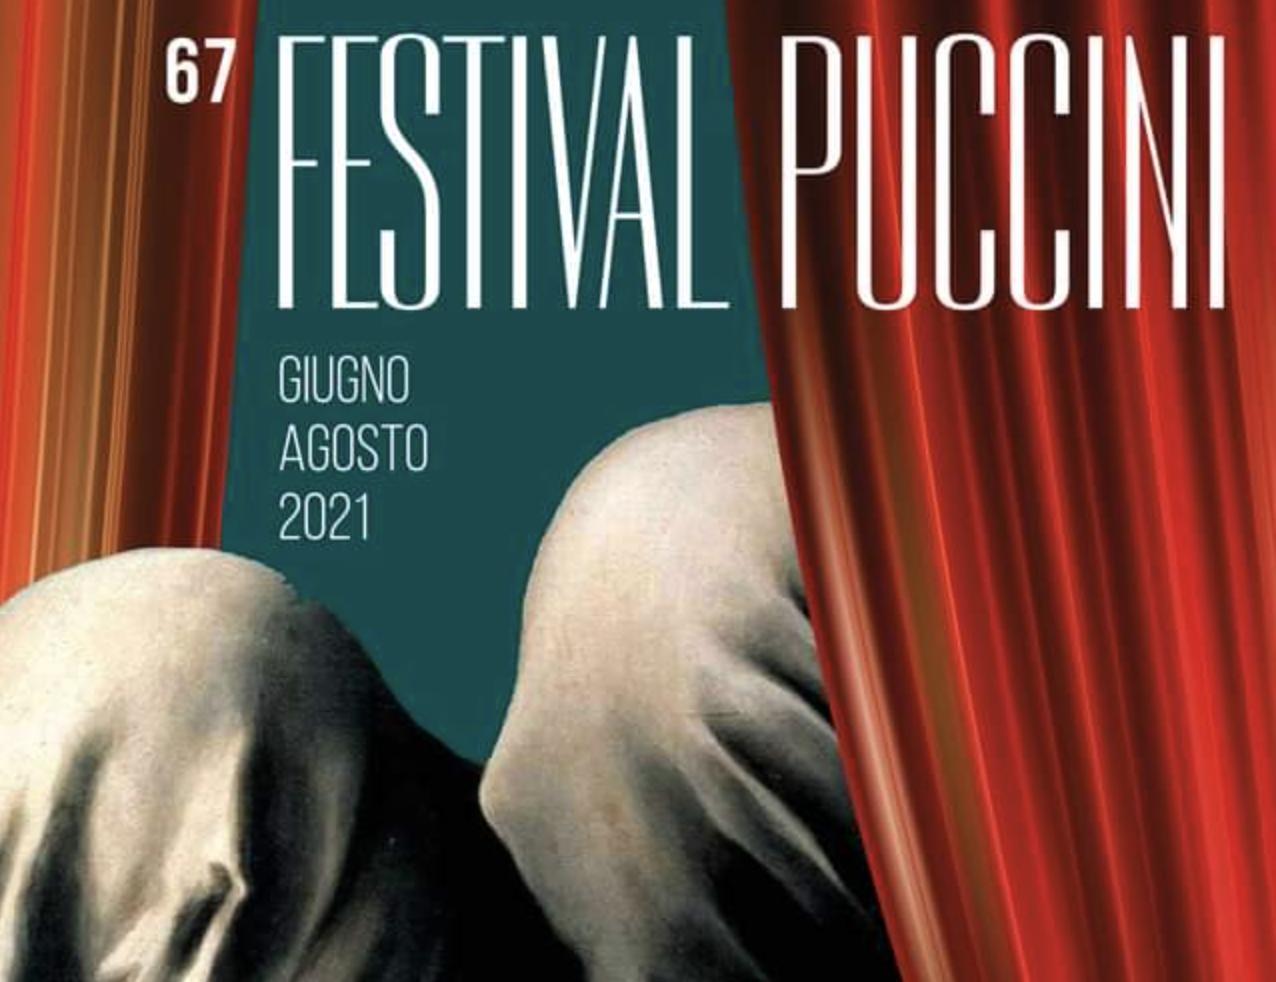 El Festival Puccini Torre del Lago presenta su 67º edición